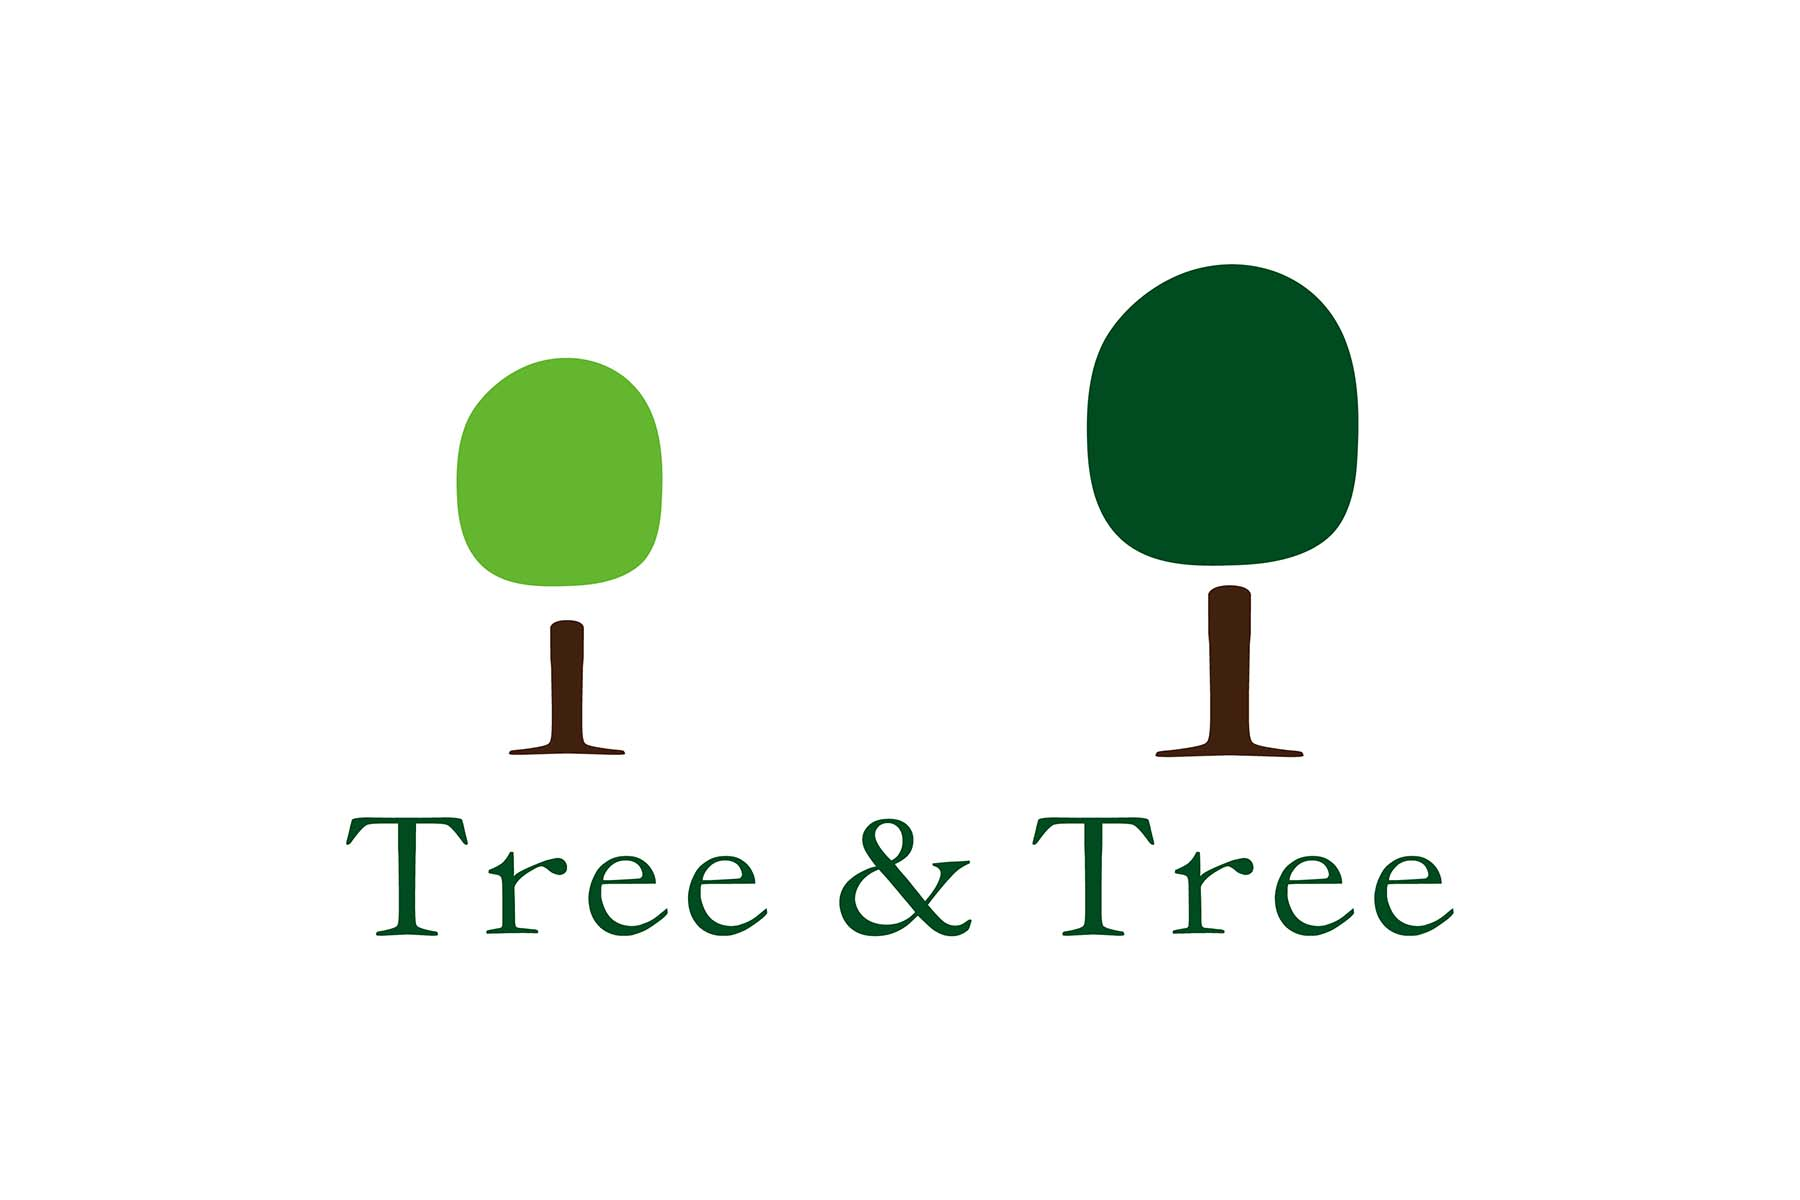 Tree & Tree